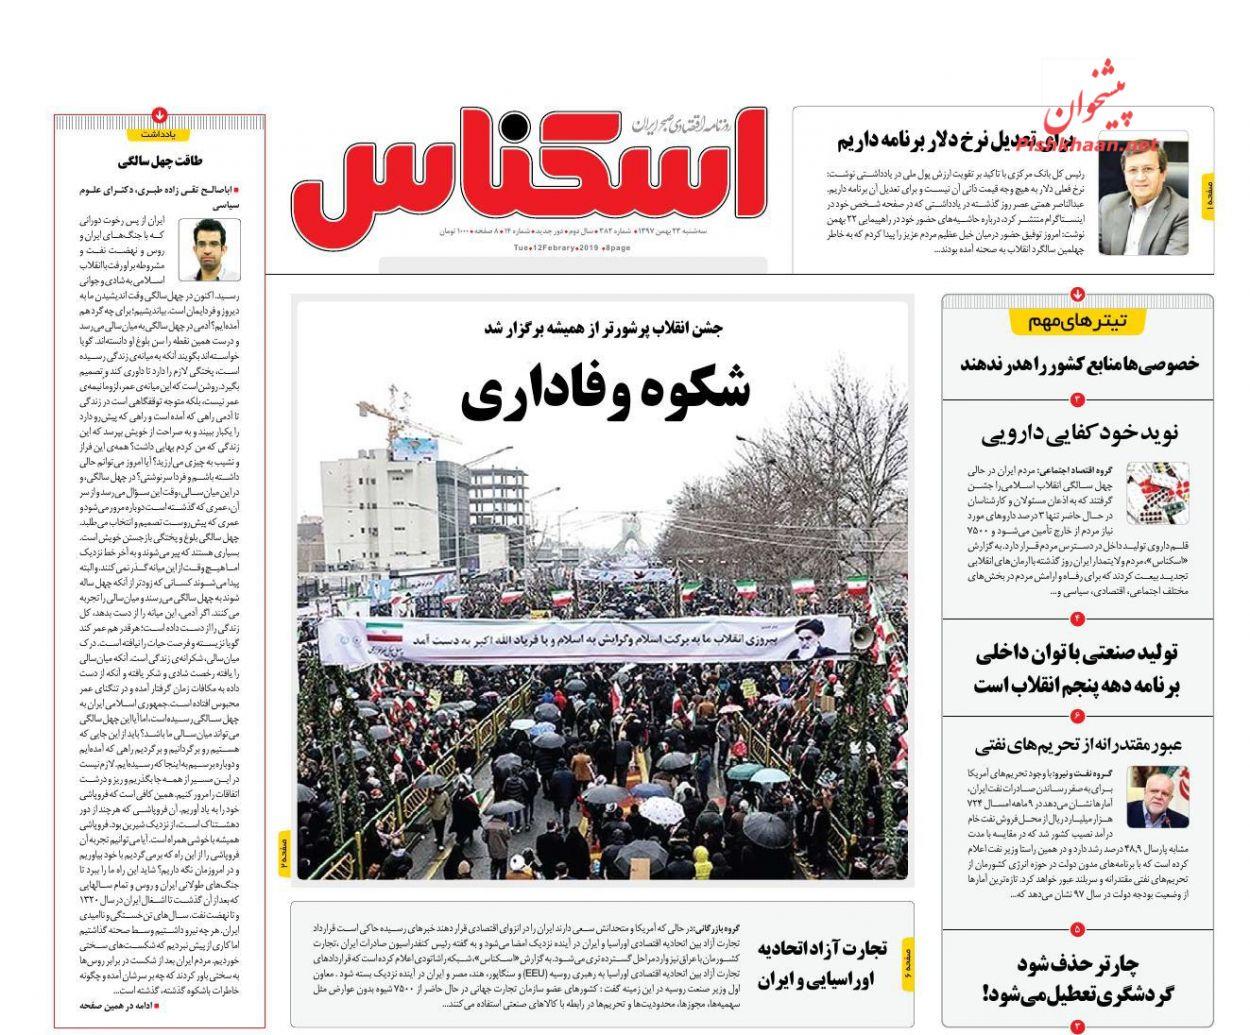 تیتر روزنامههای اقتصادی سه شنبه ۲۳ بهمن ۹۷ - 5